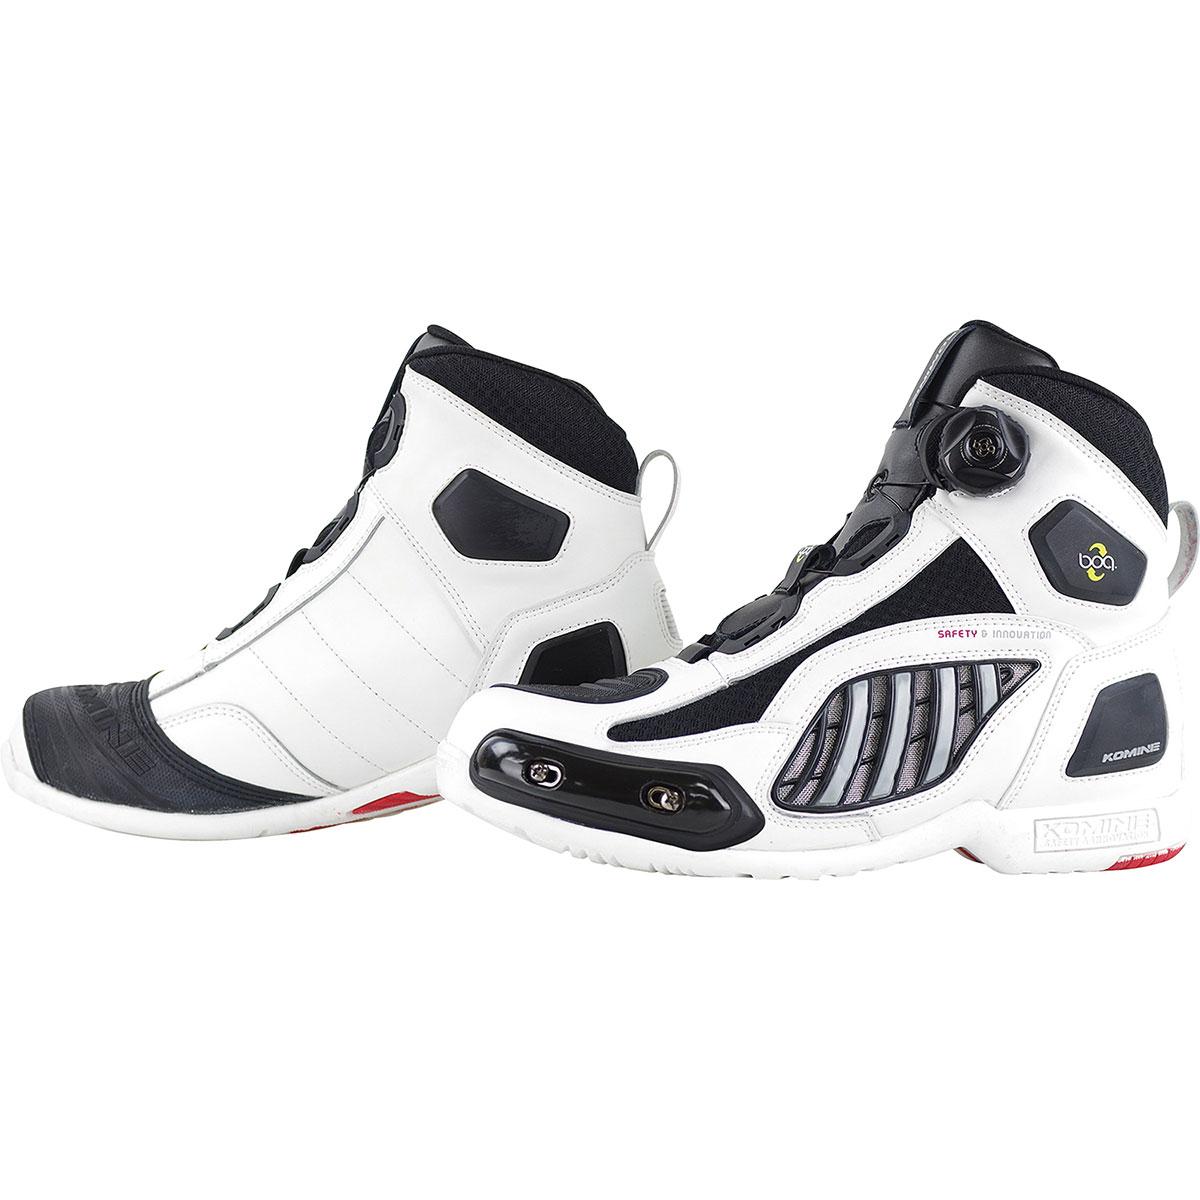 コミネ (Komine) バイク用 フットウェア シューズ ブーツ footwear Shoes Boots BK-078 エアスループロテクト Boa シューズスポート ホワイト 白 26.5cm 05-078/WH/26.5